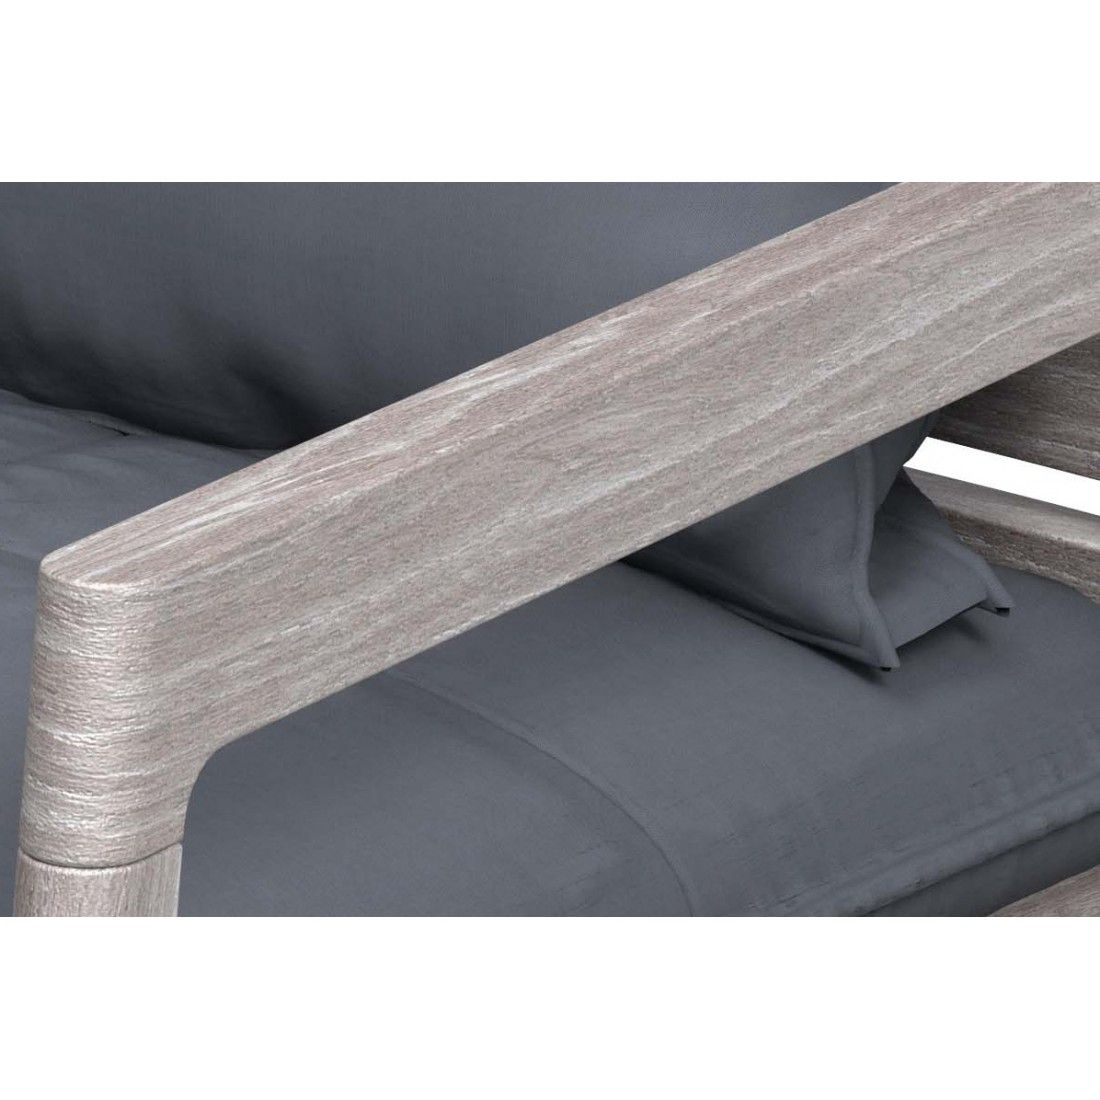 Fauteuil en teck FSC vintage grey avec coussins en tissu Sunbrella gris foncé